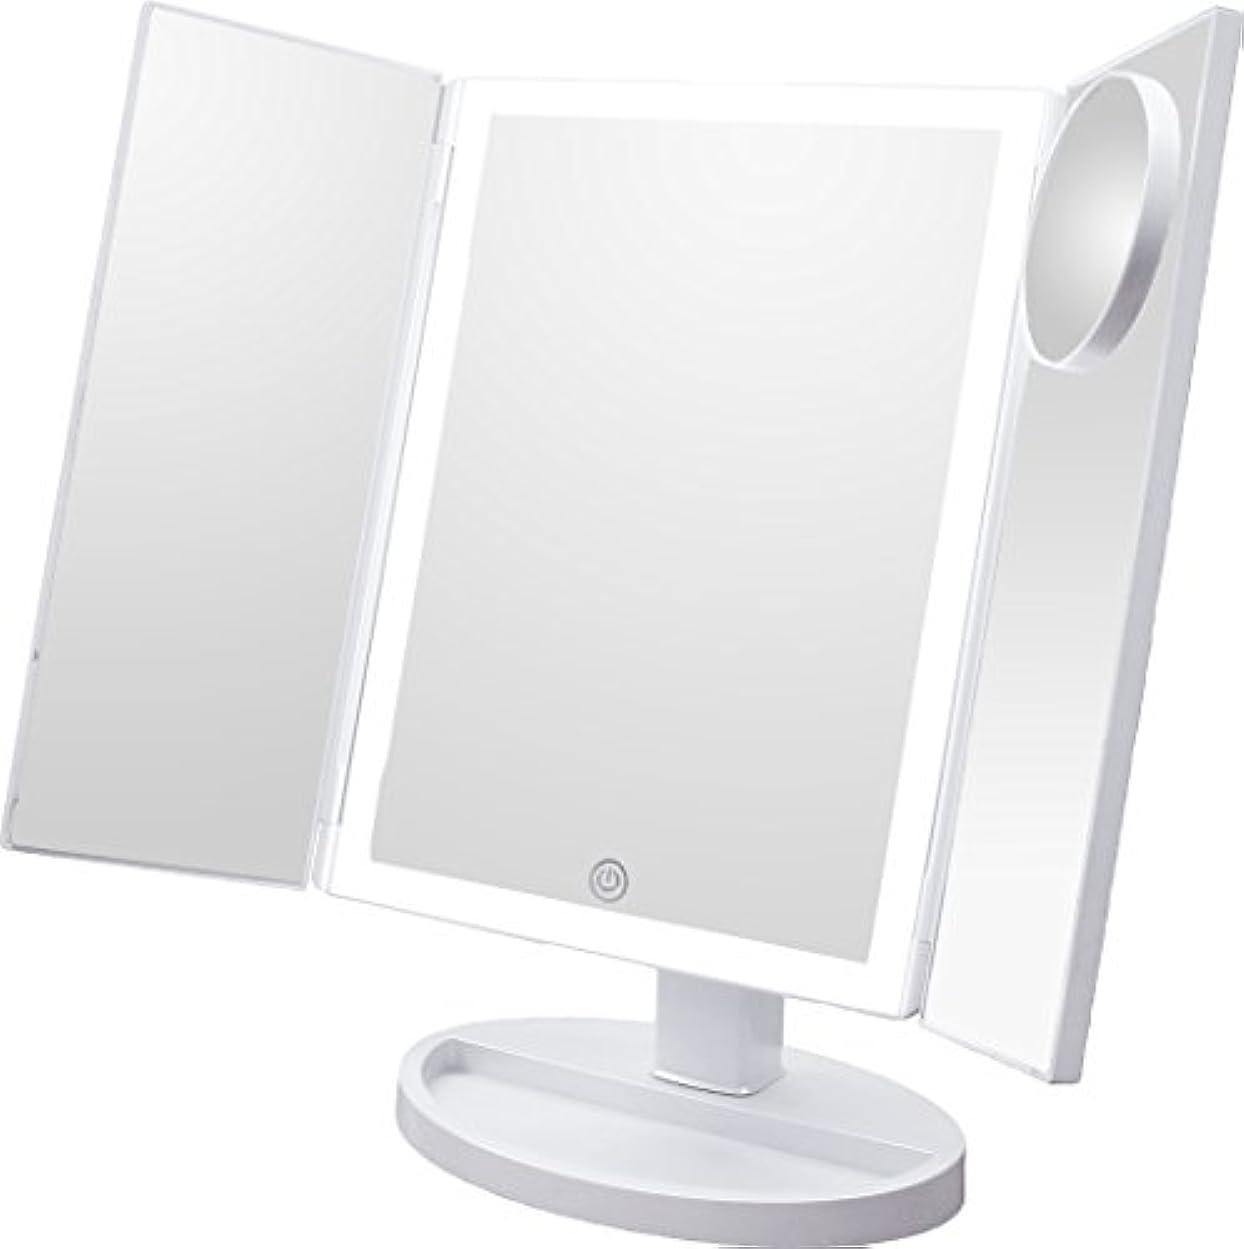 タバコマークダウン嘆くLEDミラー LEDバー 3面鏡 10倍拡大鏡付き 女優ミラー メイクミラー ブライトミラー 卓上ミラー スタンドミラー (ホワイト)